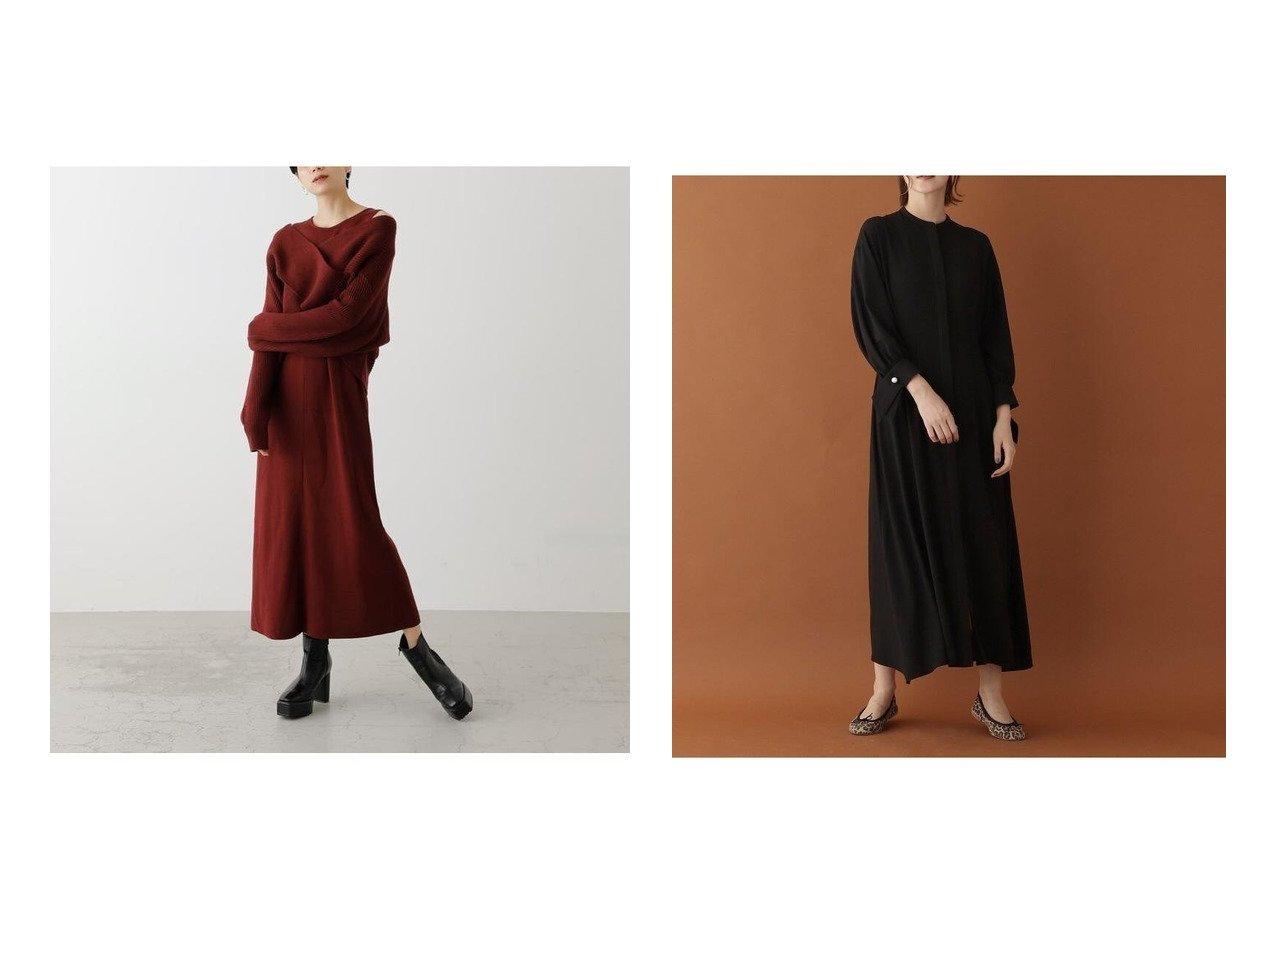 【DRESSTERIOR/ドレステリア】のセテラリージョーゼットAラインワンピース&【AZUL by moussy/アズール バイ マウジー】のTWIST LAYERED ONE-PIECE ワンピース・ドレスのおすすめ!人気、レディースファッションの通販  おすすめで人気のファッション通販商品 インテリア・家具・キッズファッション・メンズファッション・レディースファッション・服の通販 founy(ファニー) https://founy.com/ ファッション Fashion レディース WOMEN ワンピース Dress Aラインワンピース A-line Dress 冬 Winter アクリル クール スニーカー 畦 カフス パール |ID:crp329100000004290